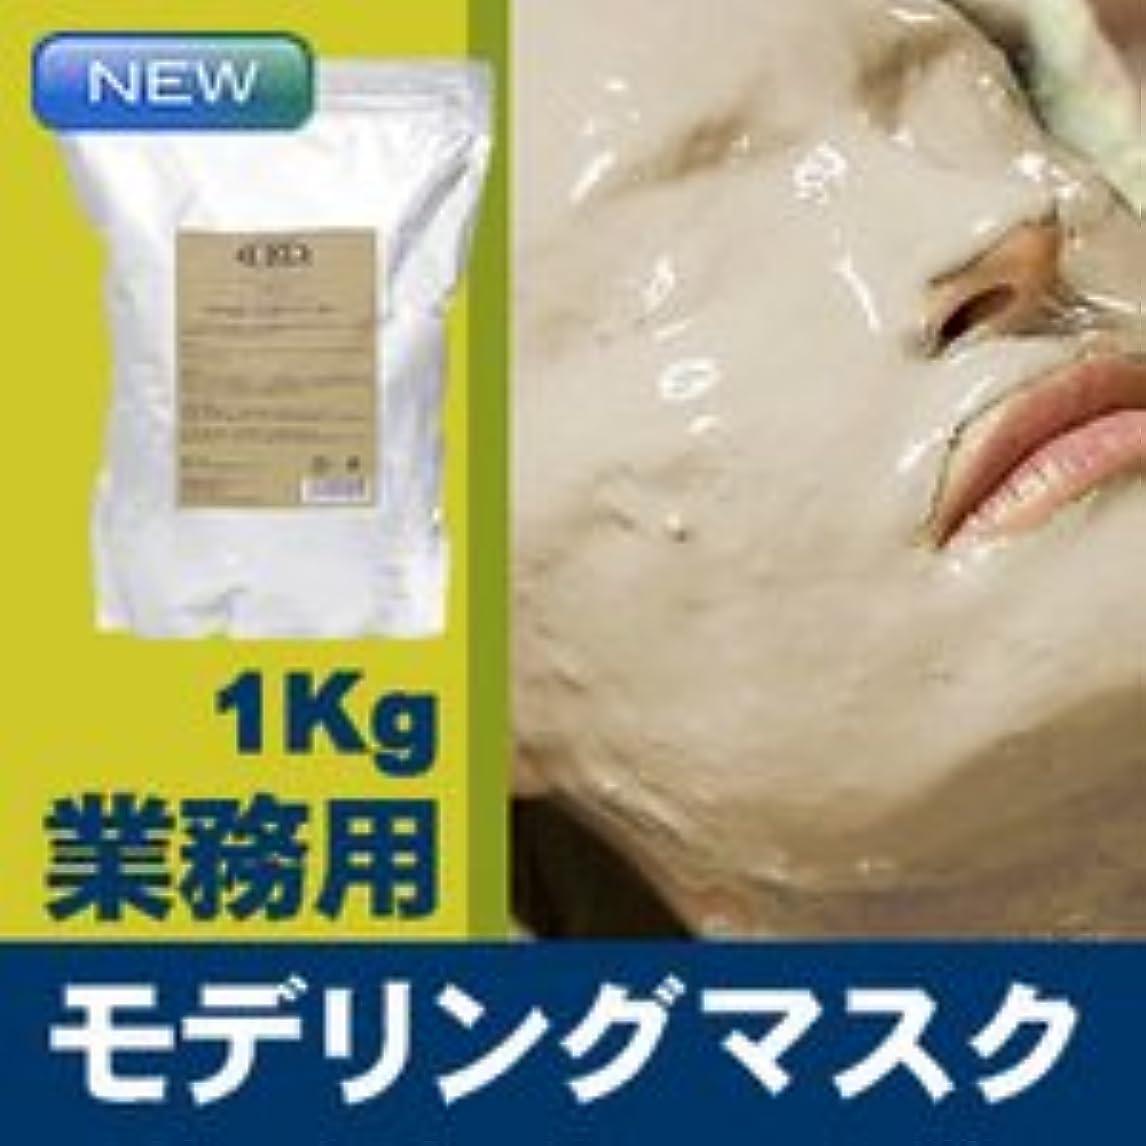 フェロー諸島貫入彼のモデリングマスク 1Kg 大量のシアル酸配合(チャーミングクリスタル) / フェイスマスク?パック 【ピールオフマスク】